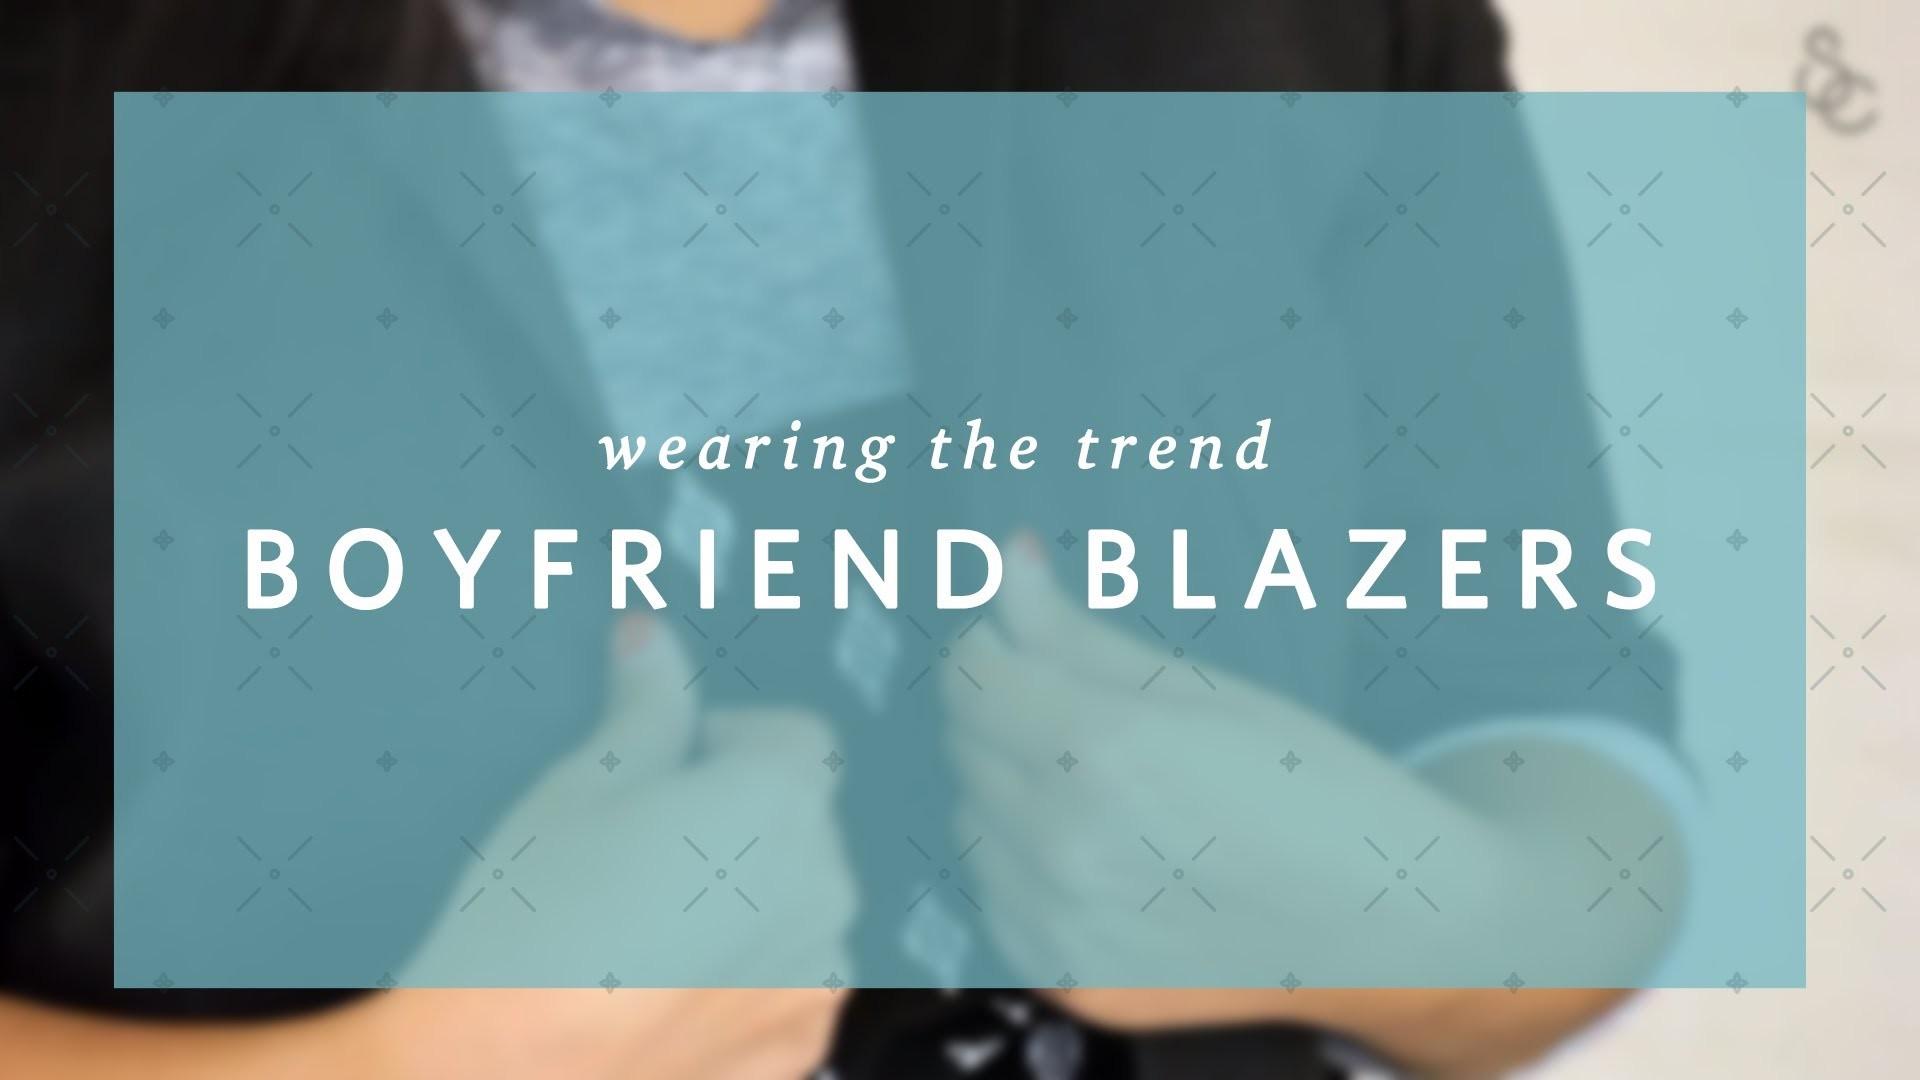 How to Wear Boyfriend Blazers - Wearing the Trend